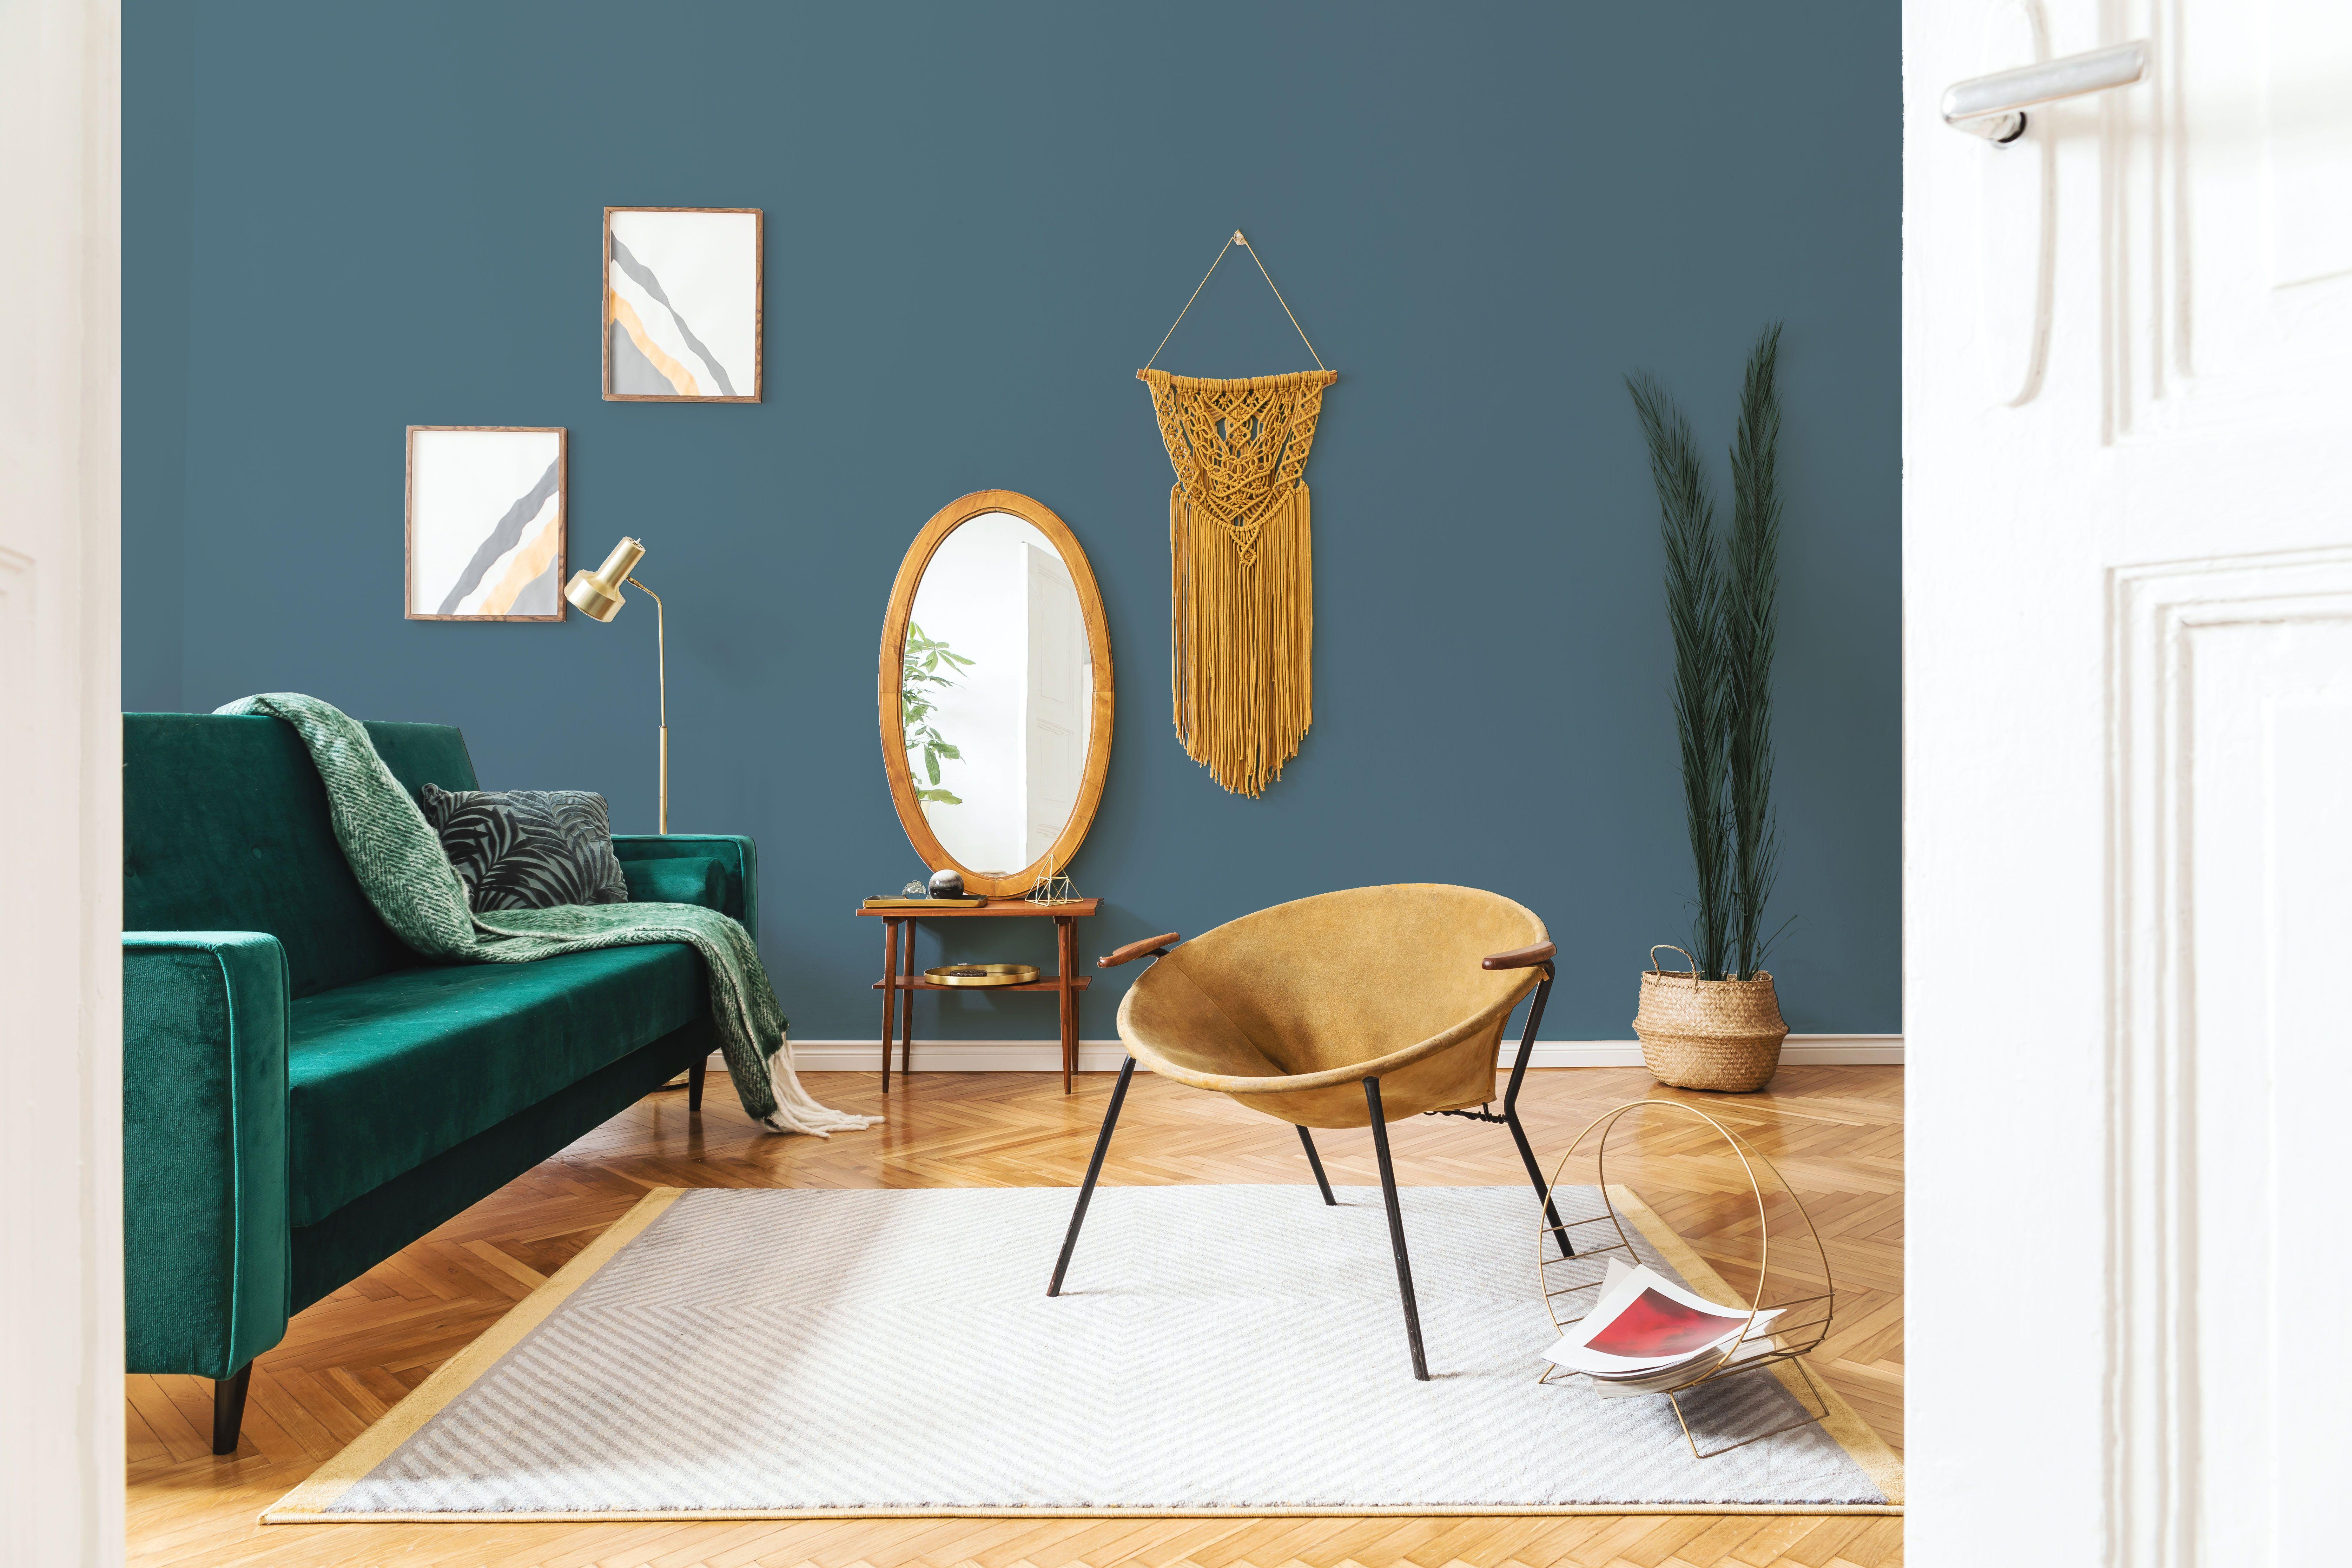 Du Sol Au Mur Le Bleu Madura S Integre A La Perfection Dans La Deco Deco Salle A Manger Idee Salle A Manger Decoration Chambre Bleue